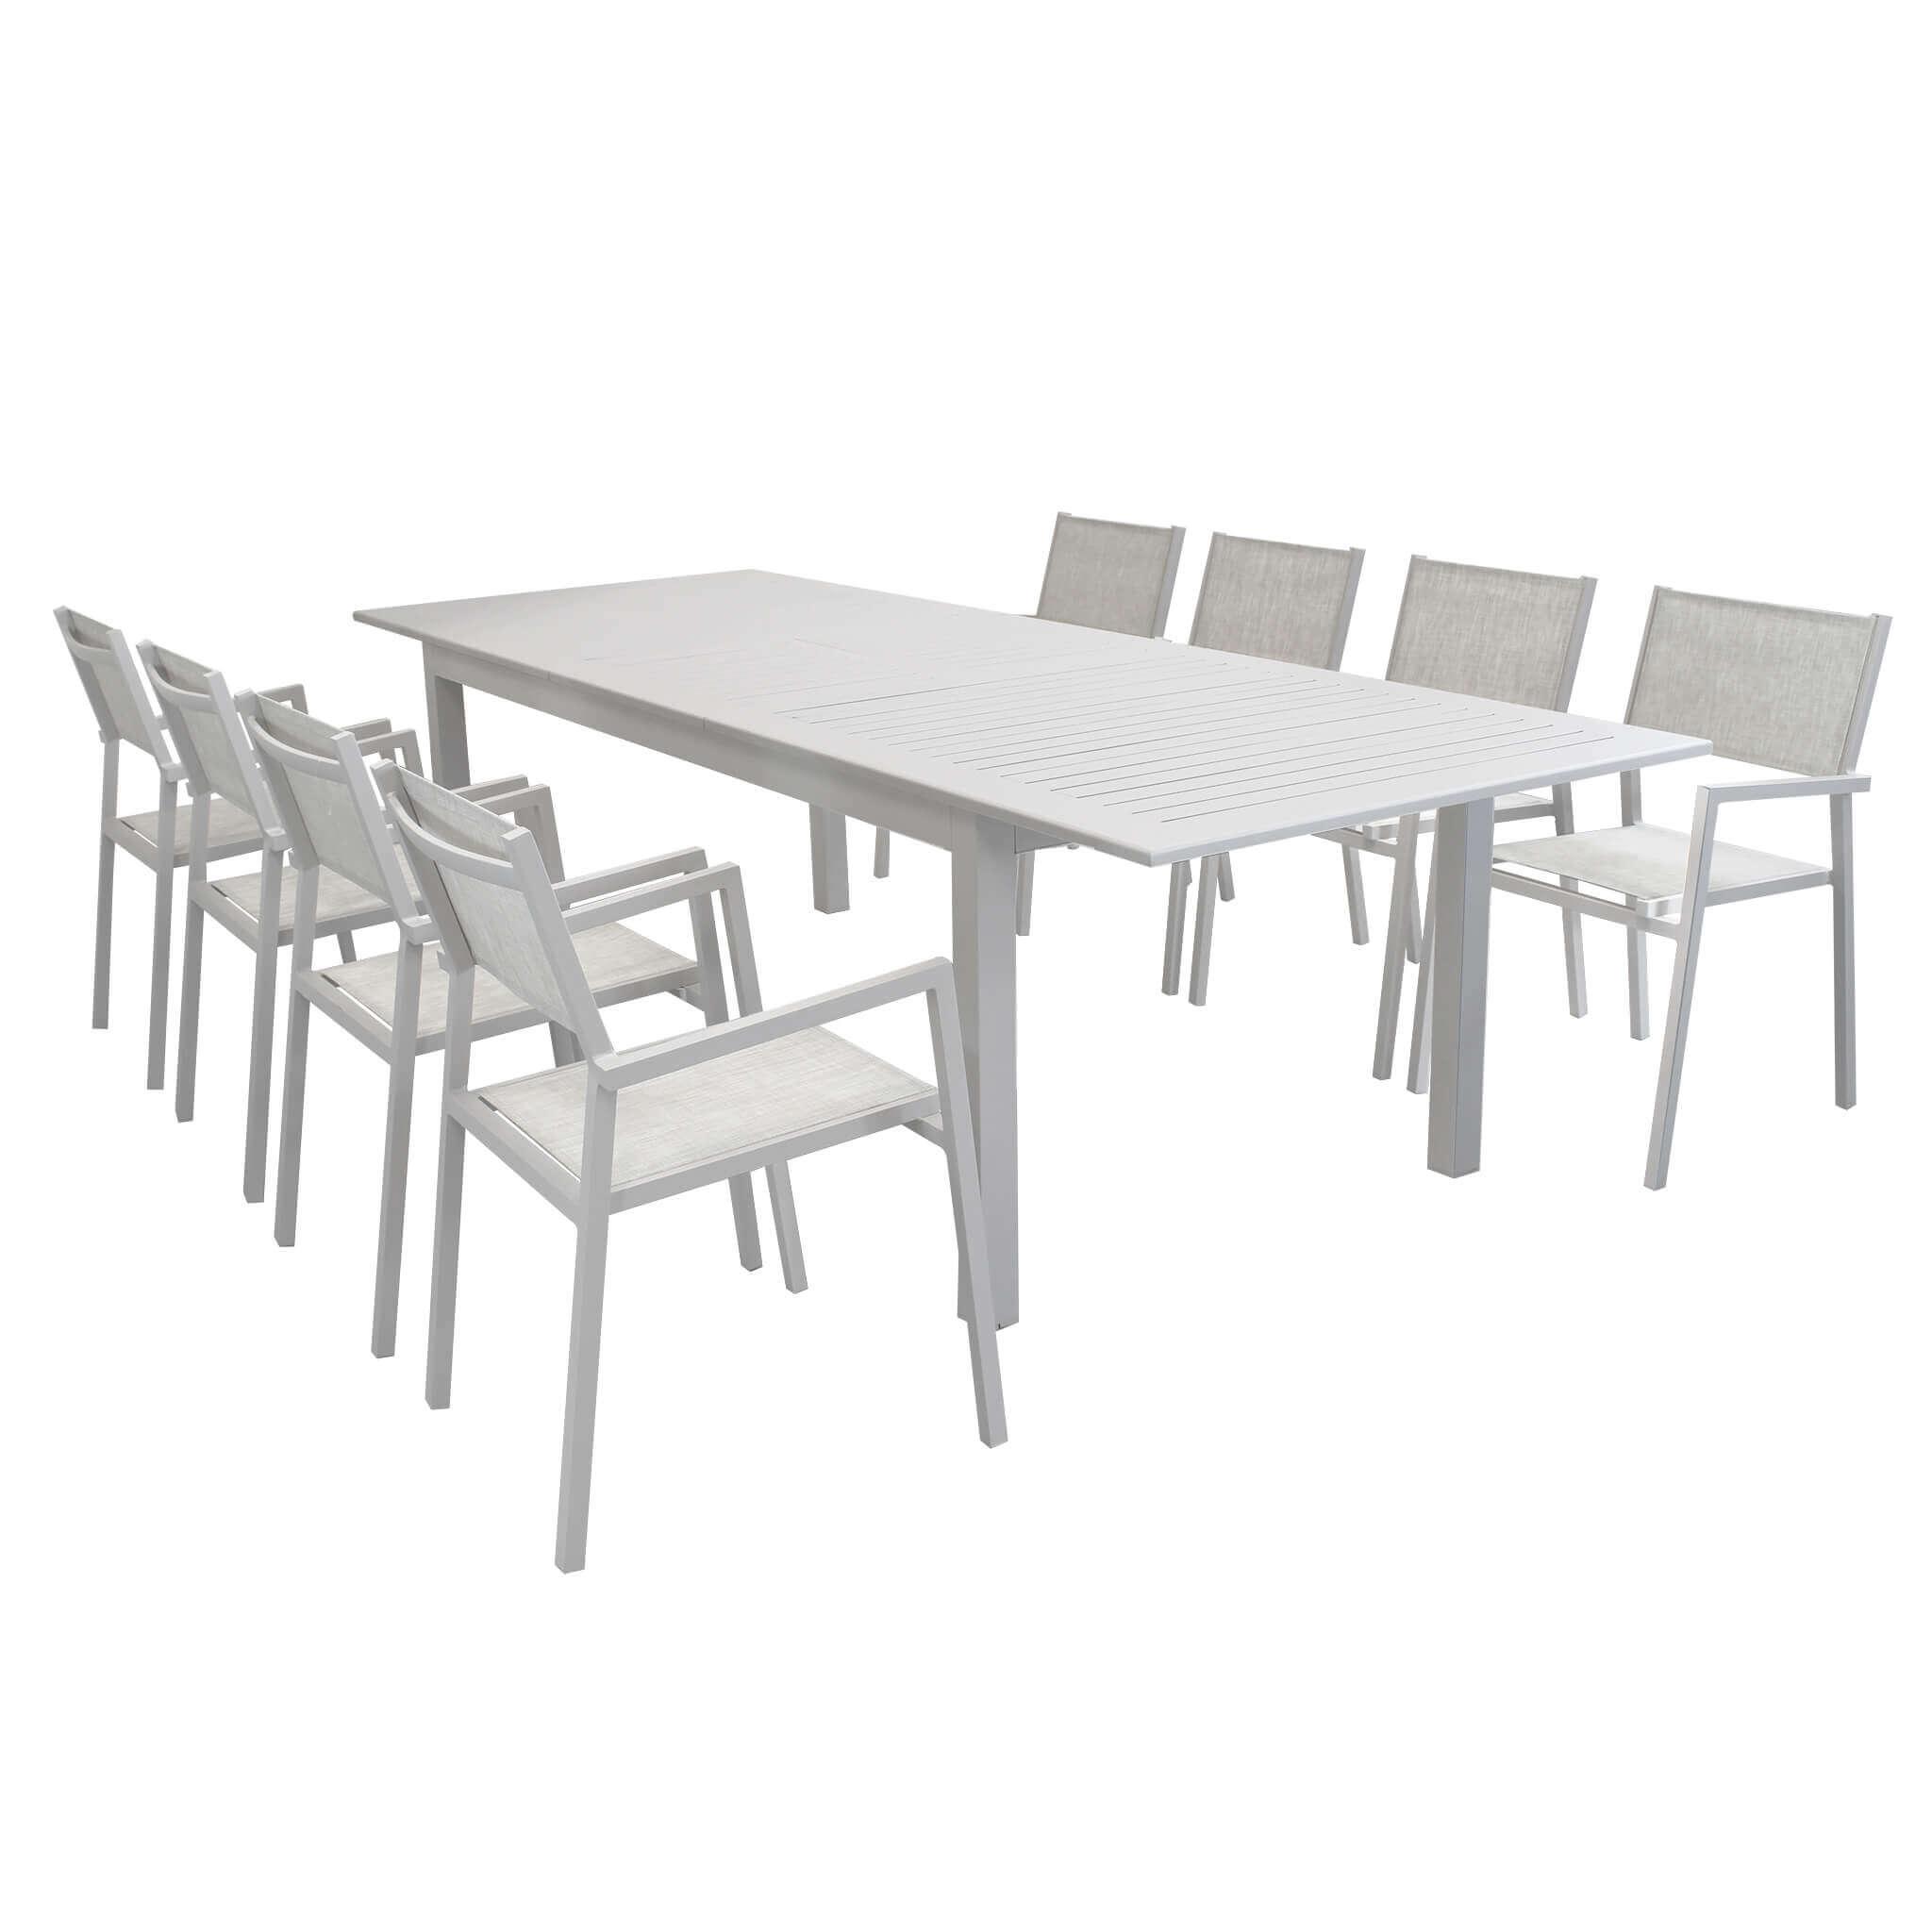 Milani Home ARGENTUM - set tavolo da giardino allungabile 220/280 x 100 compreso di 8 poltrone in alluminio